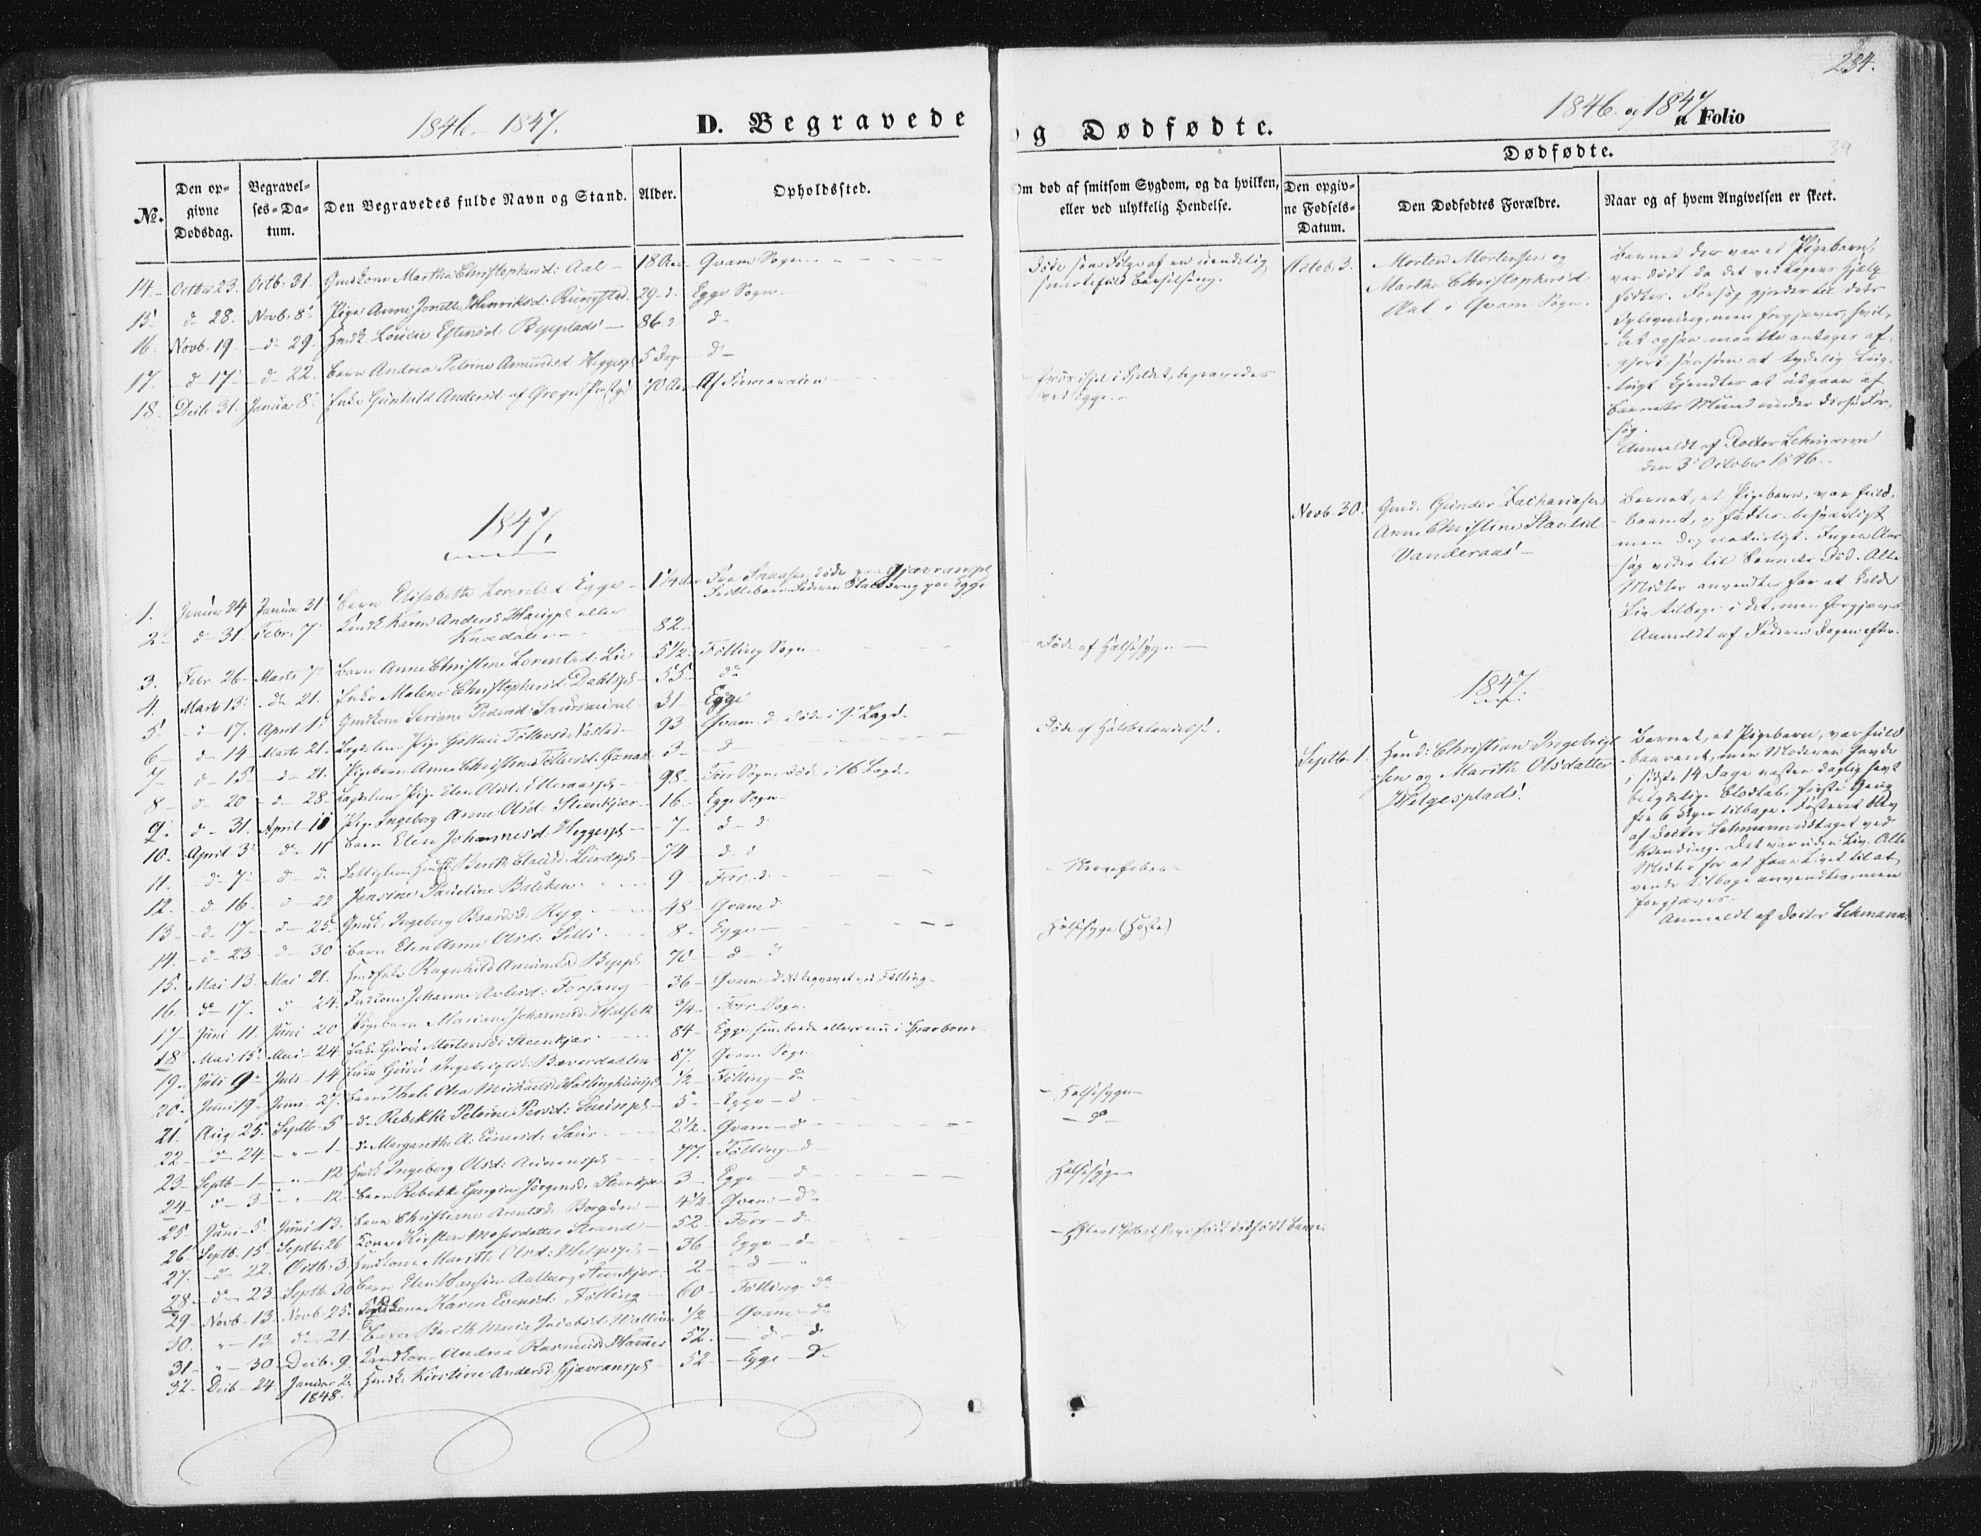 SAT, Ministerialprotokoller, klokkerbøker og fødselsregistre - Nord-Trøndelag, 746/L0446: Ministerialbok nr. 746A05, 1846-1859, s. 234